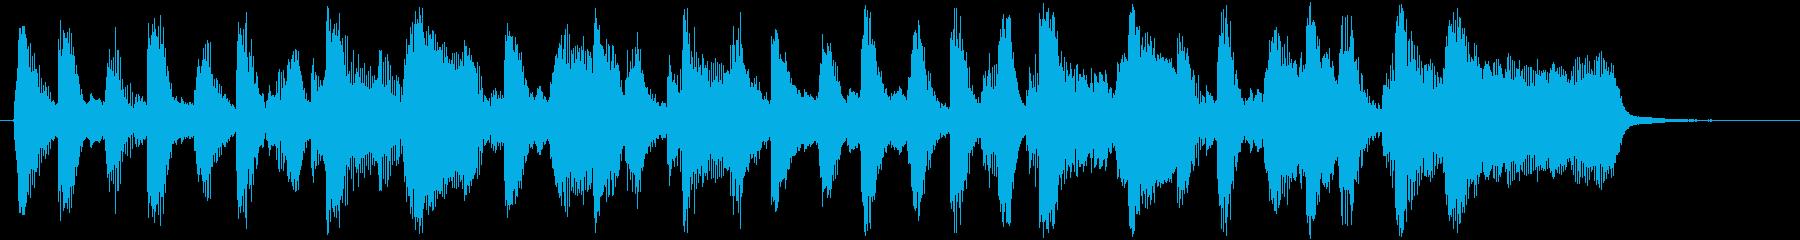 ブラス&サックスのハッピーサウンドロゴの再生済みの波形